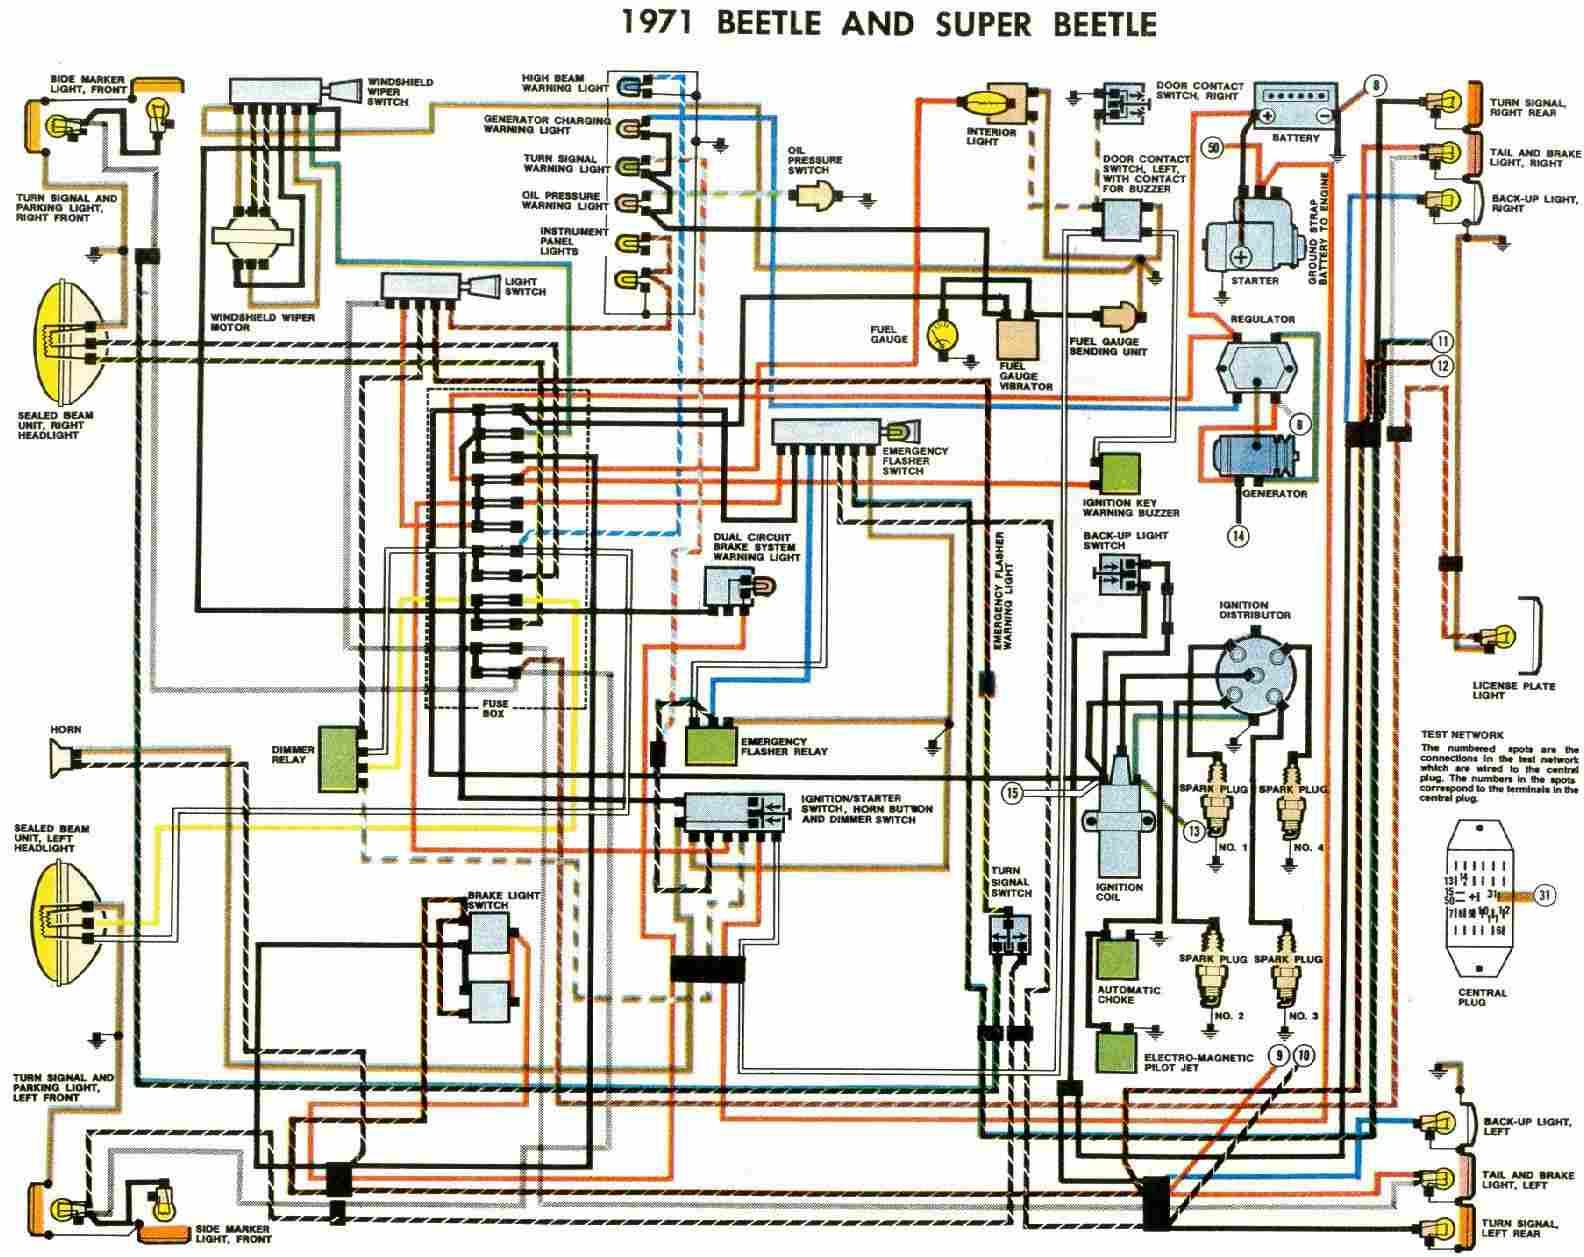 Automotive Wiring Diagrams Basic Symbols On Automotive Images